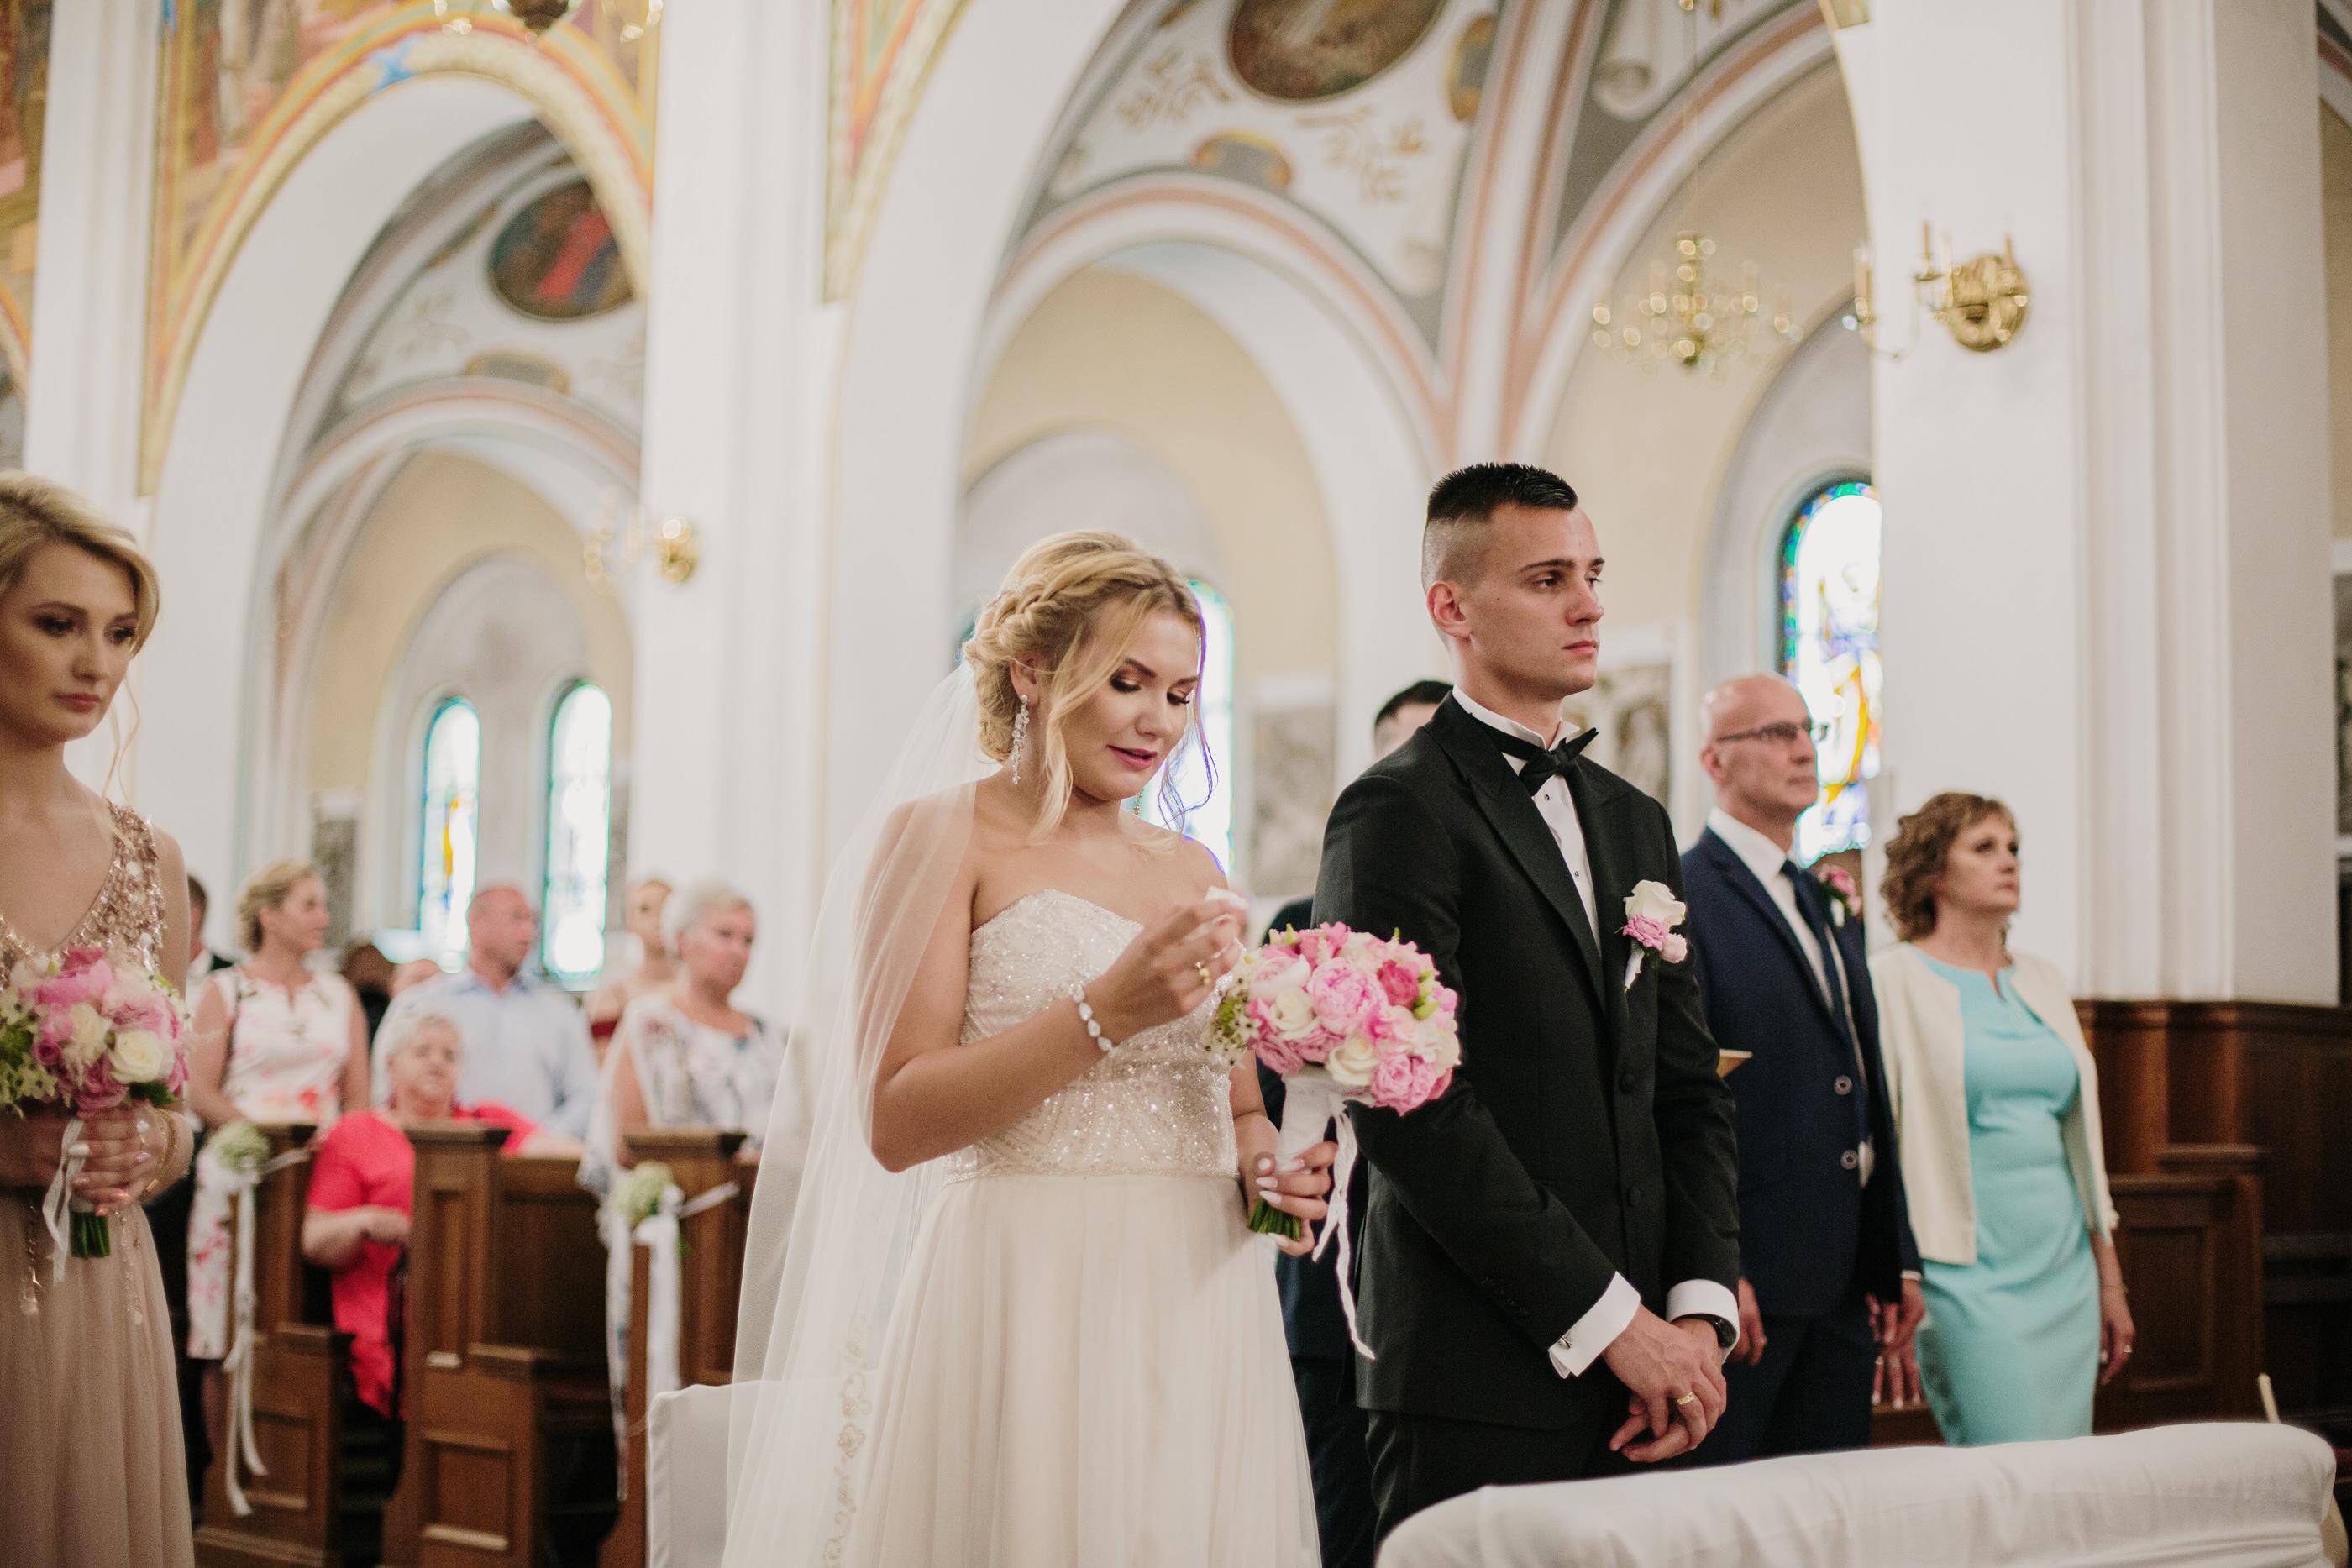 Aleksandra i Konrad - Zdjęcia ślubne Wołomin